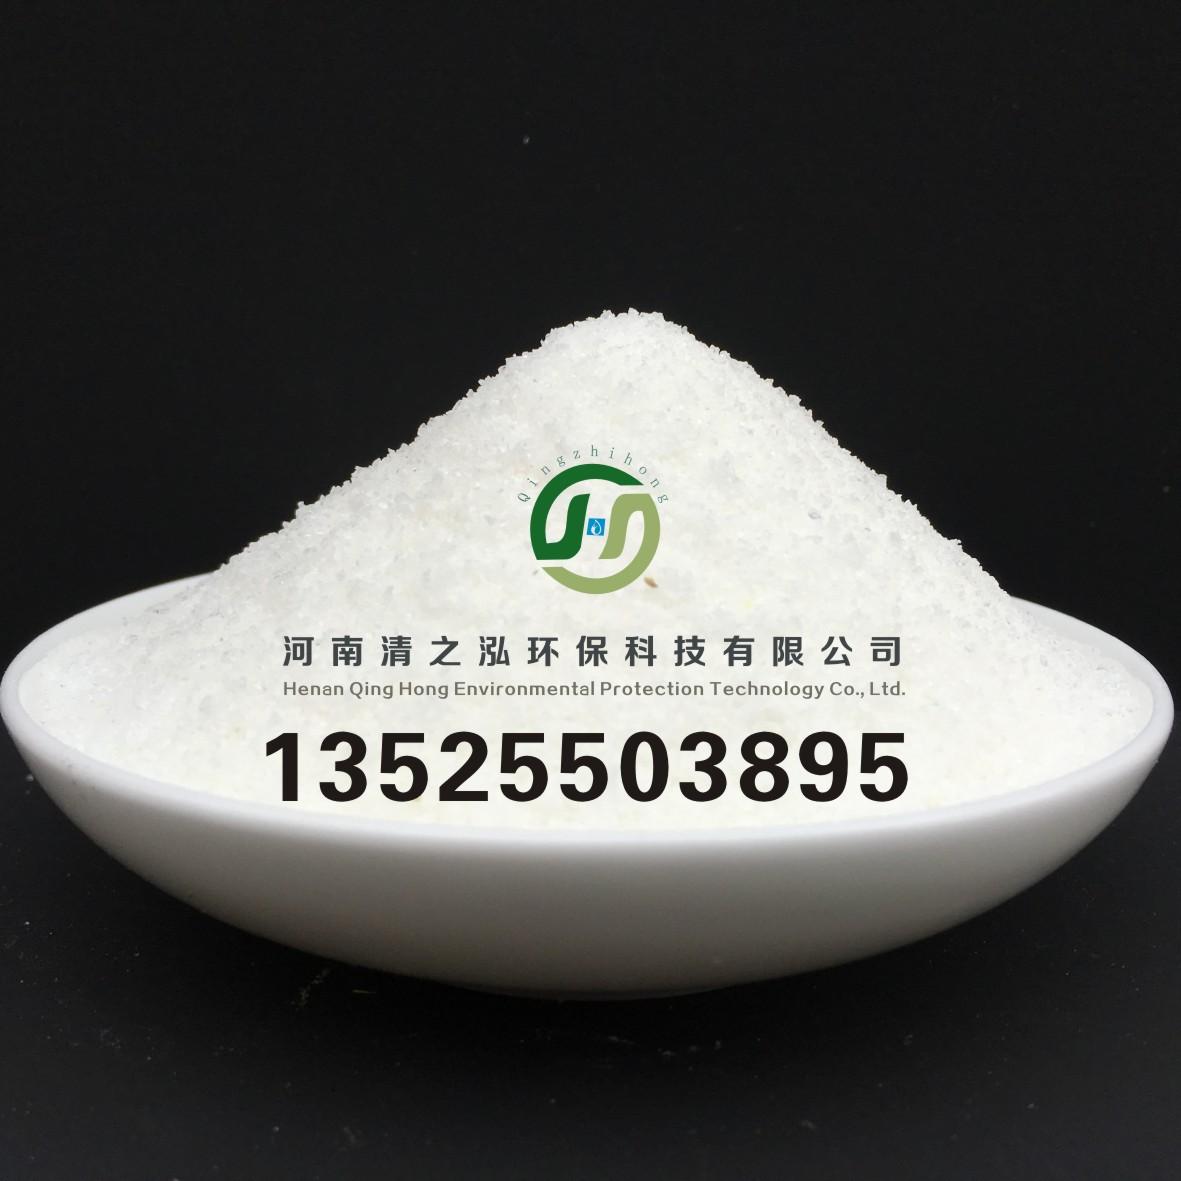 聚丙烯酰胺 PAM 生产厂家 阴离子 阳离子 絮凝剂 价格低